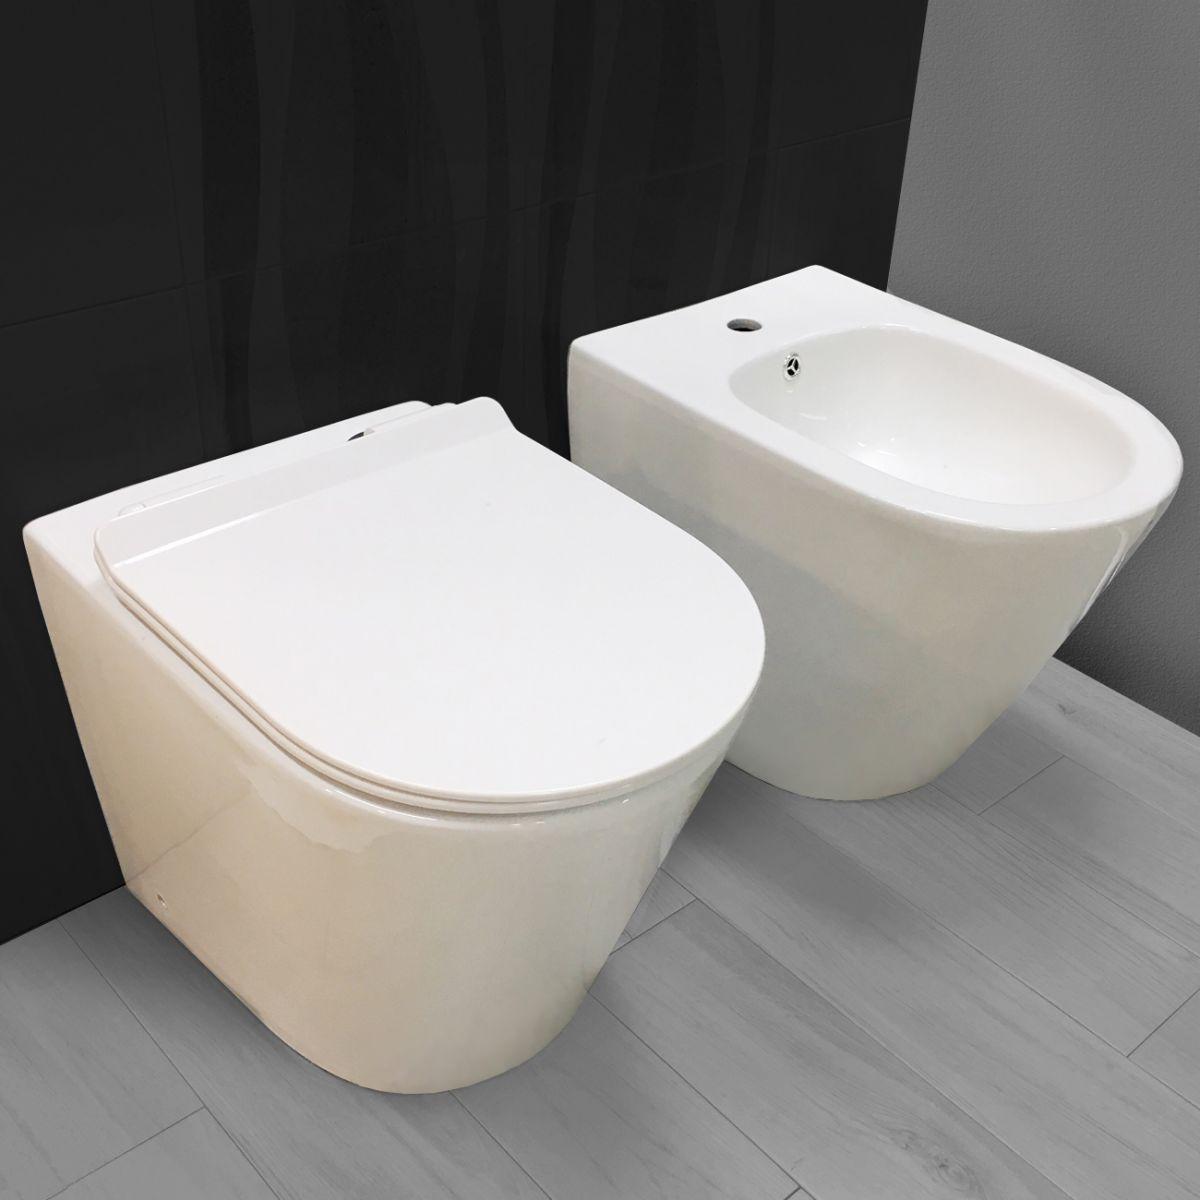 chic sanitari filo muro 1 Sanitari filo muro Chic in ceramica Rimless Vaso+Bidet+Coprivaso Soft Close